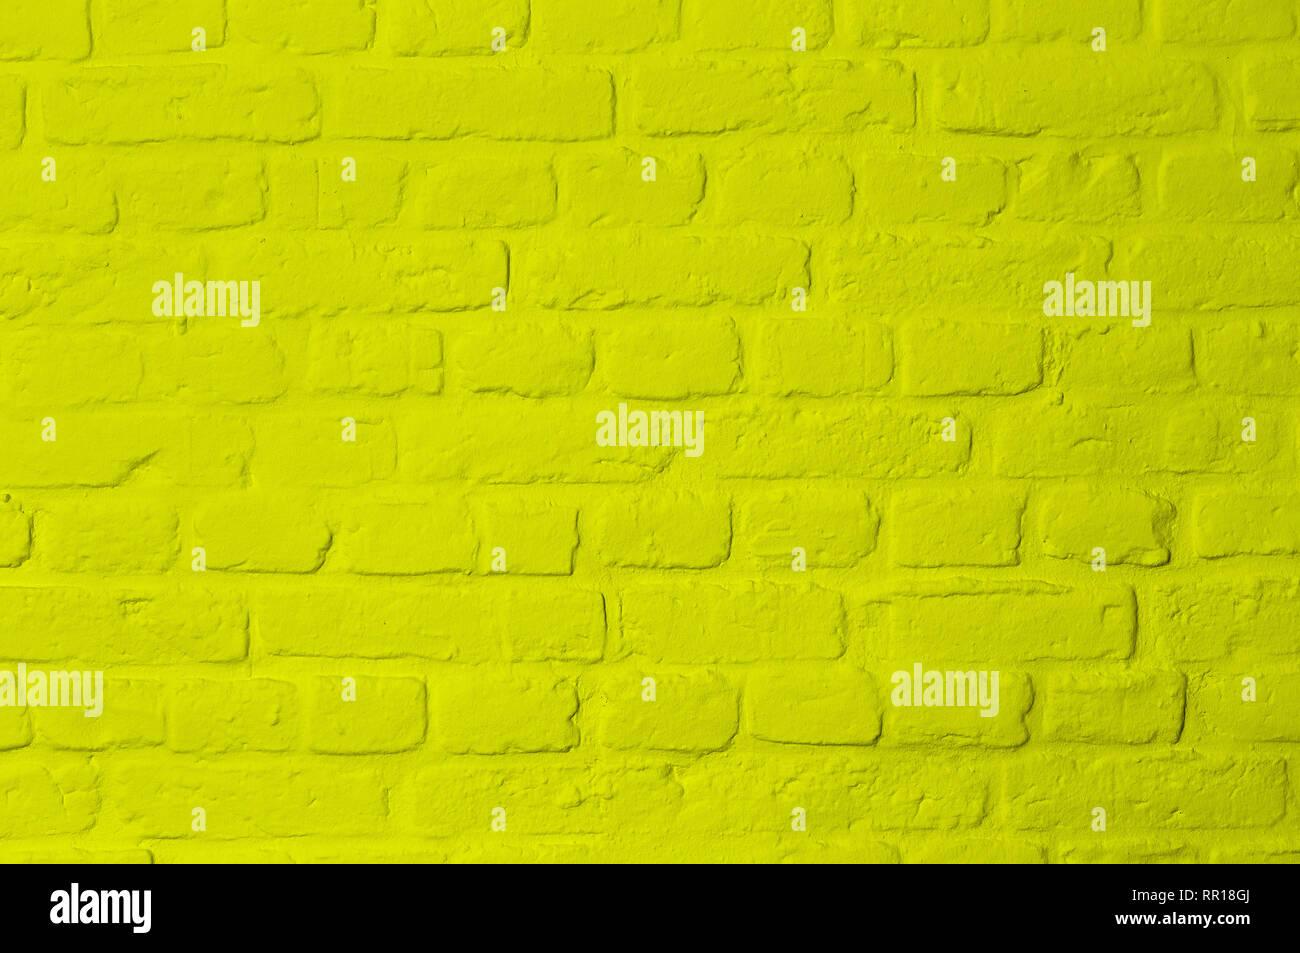 Pastellfarben helles zitronengelb gefärbten Stein Steinmauer, Vollbild, Bild Hintergrund Stockbild